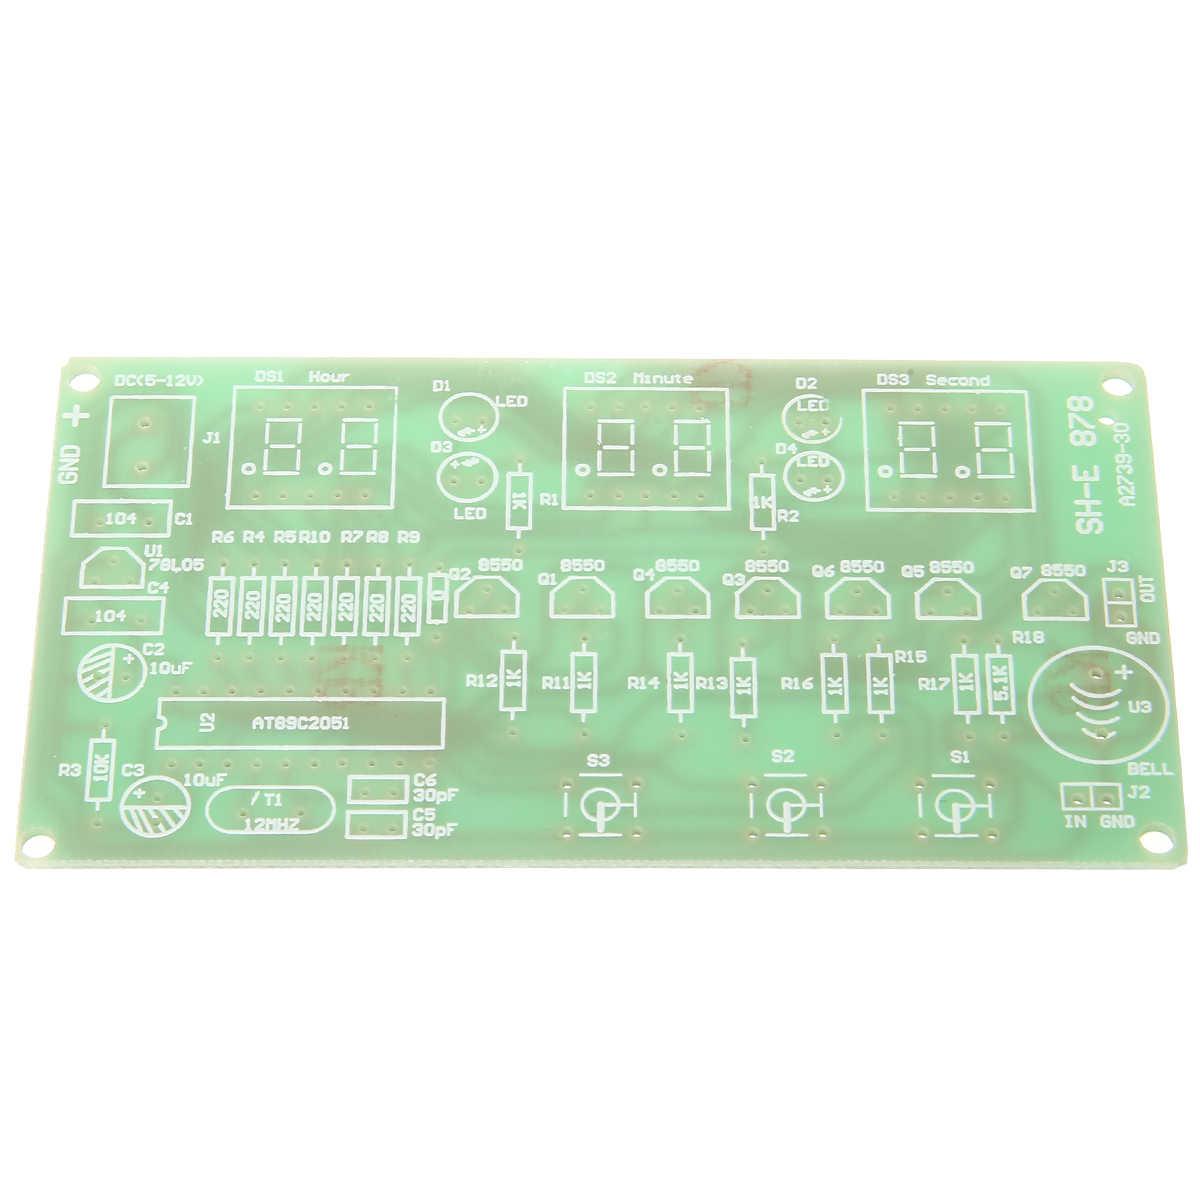 LED طقم الساعة الإلكترونية 5-12 V 6 شاشة رقمية بصمامات ثنائية مضيئة الرقمية إلكترونيات ساعة مكافحة AT89C2051 DIY كيت مكافحة إنذار الموقت 10 سنتيمتر * 5.2 سنتيمتر